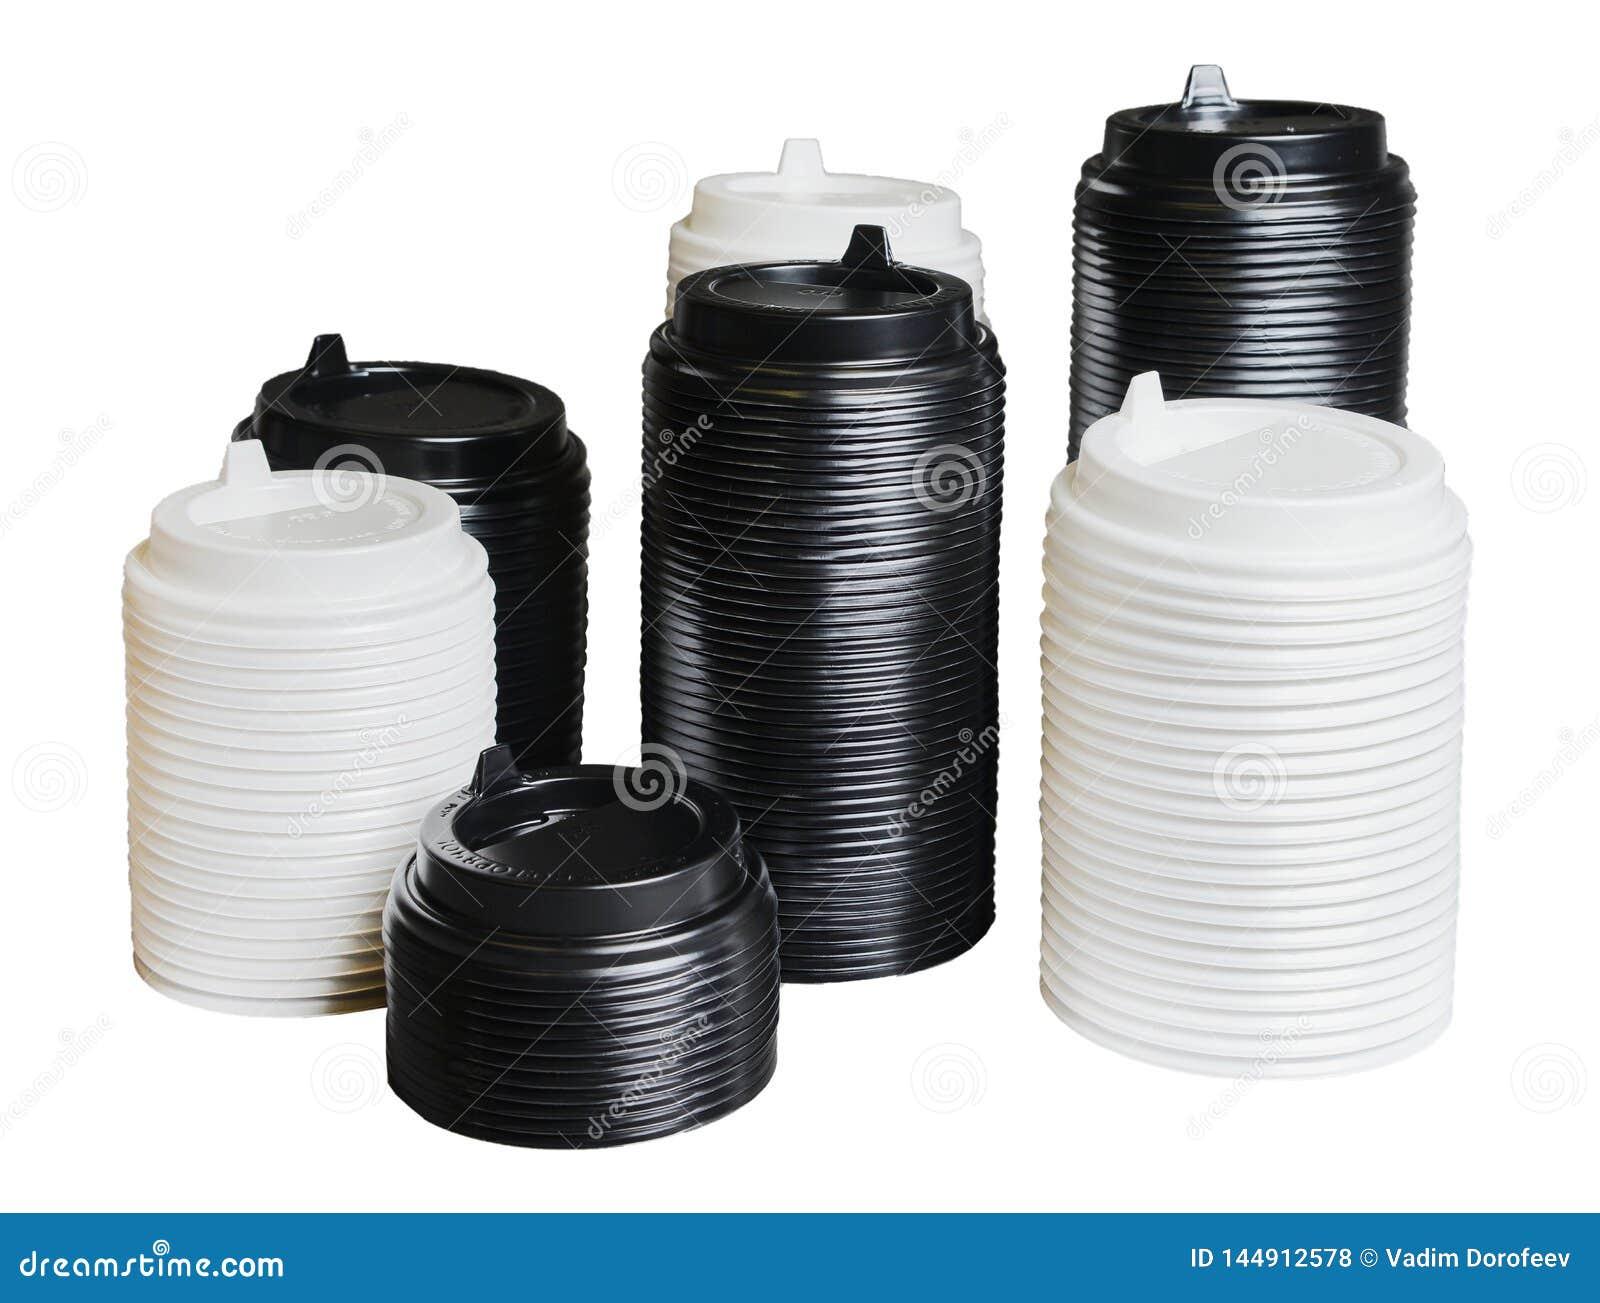 Διάφοροι σωροί των καλύψεων για τα μίας χρήσης φλυτζάνια των διαφορετικών μεγεθών Λευκό και ο Μαύρος Άσπρο απομονωμένο υπόβαθρο